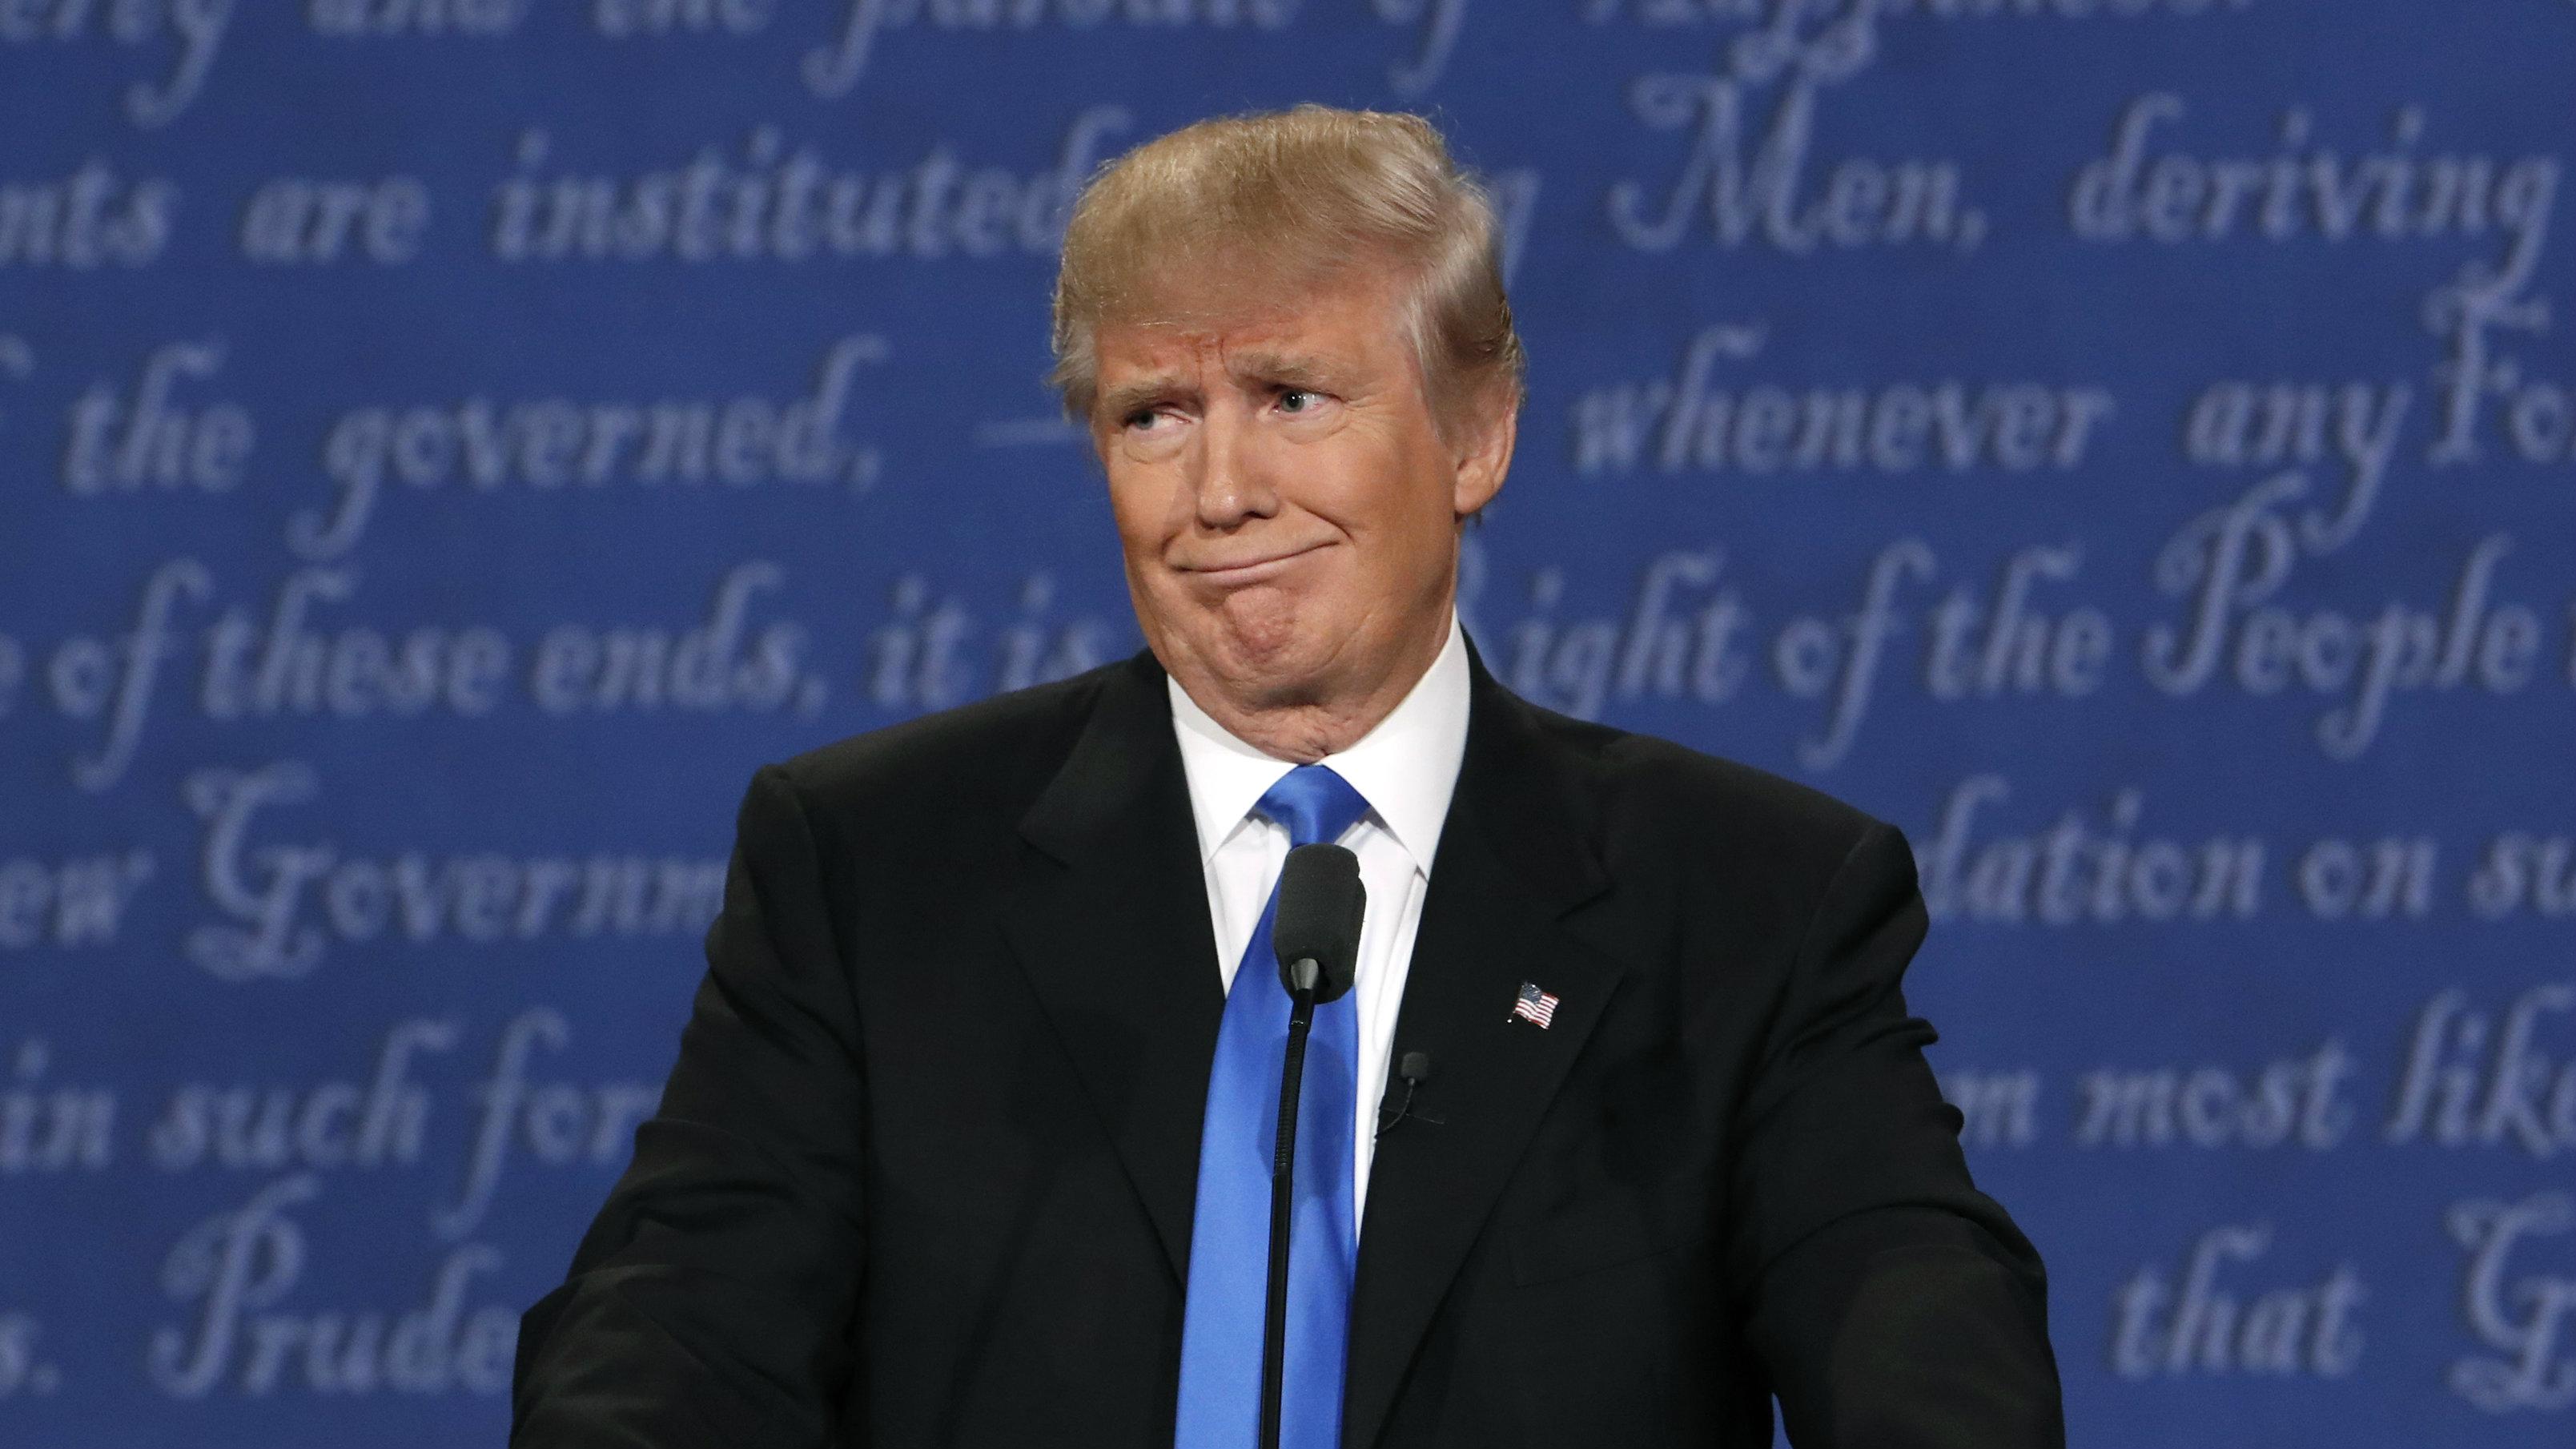 Trump making face at debate